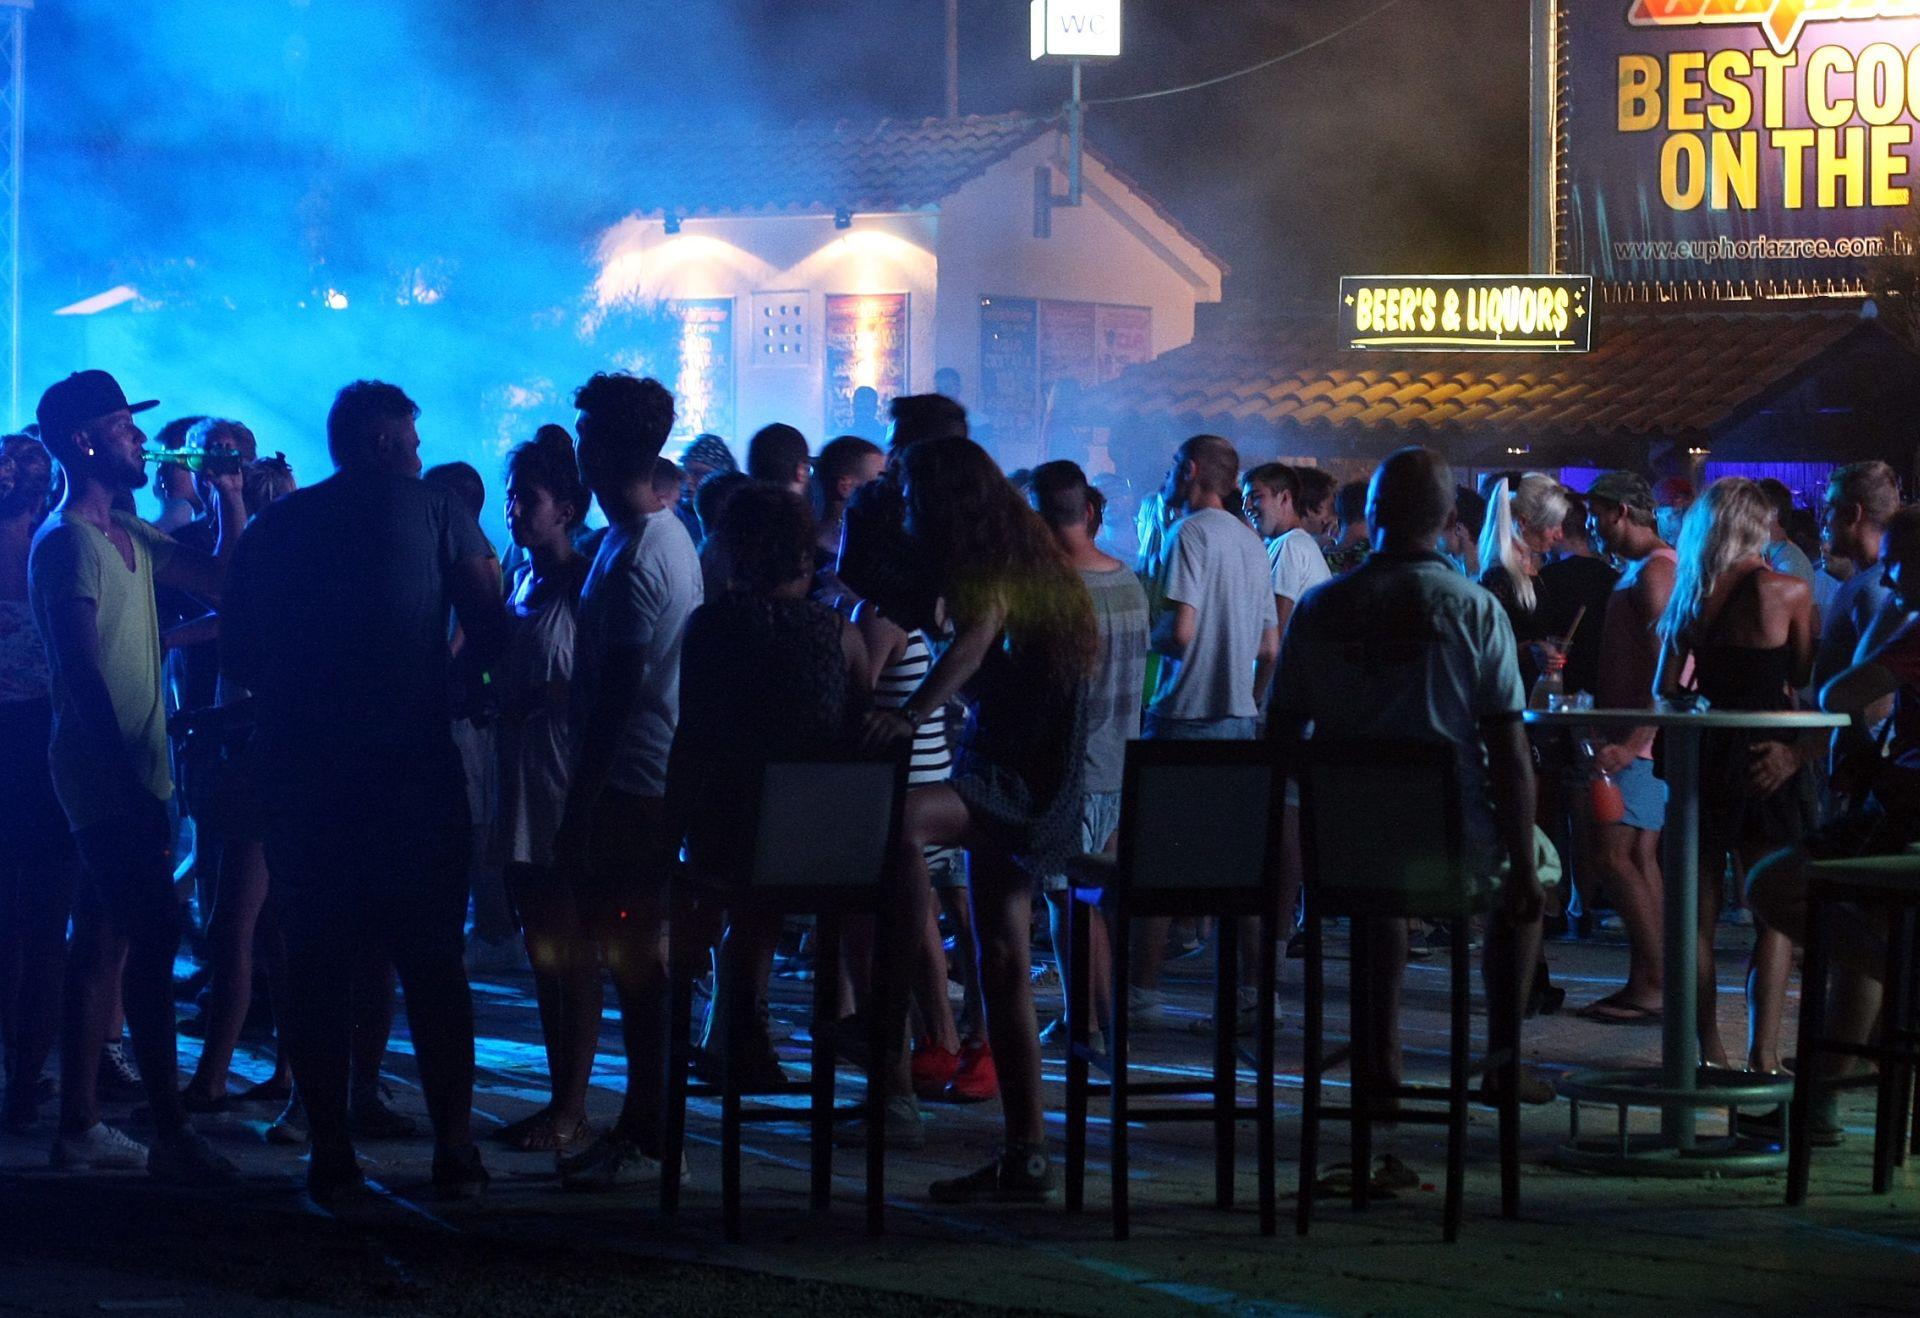 POLICIJA UPOZORAVA: Maloljetnici ne smiju u noćne izlaske bez pratnje odraslih